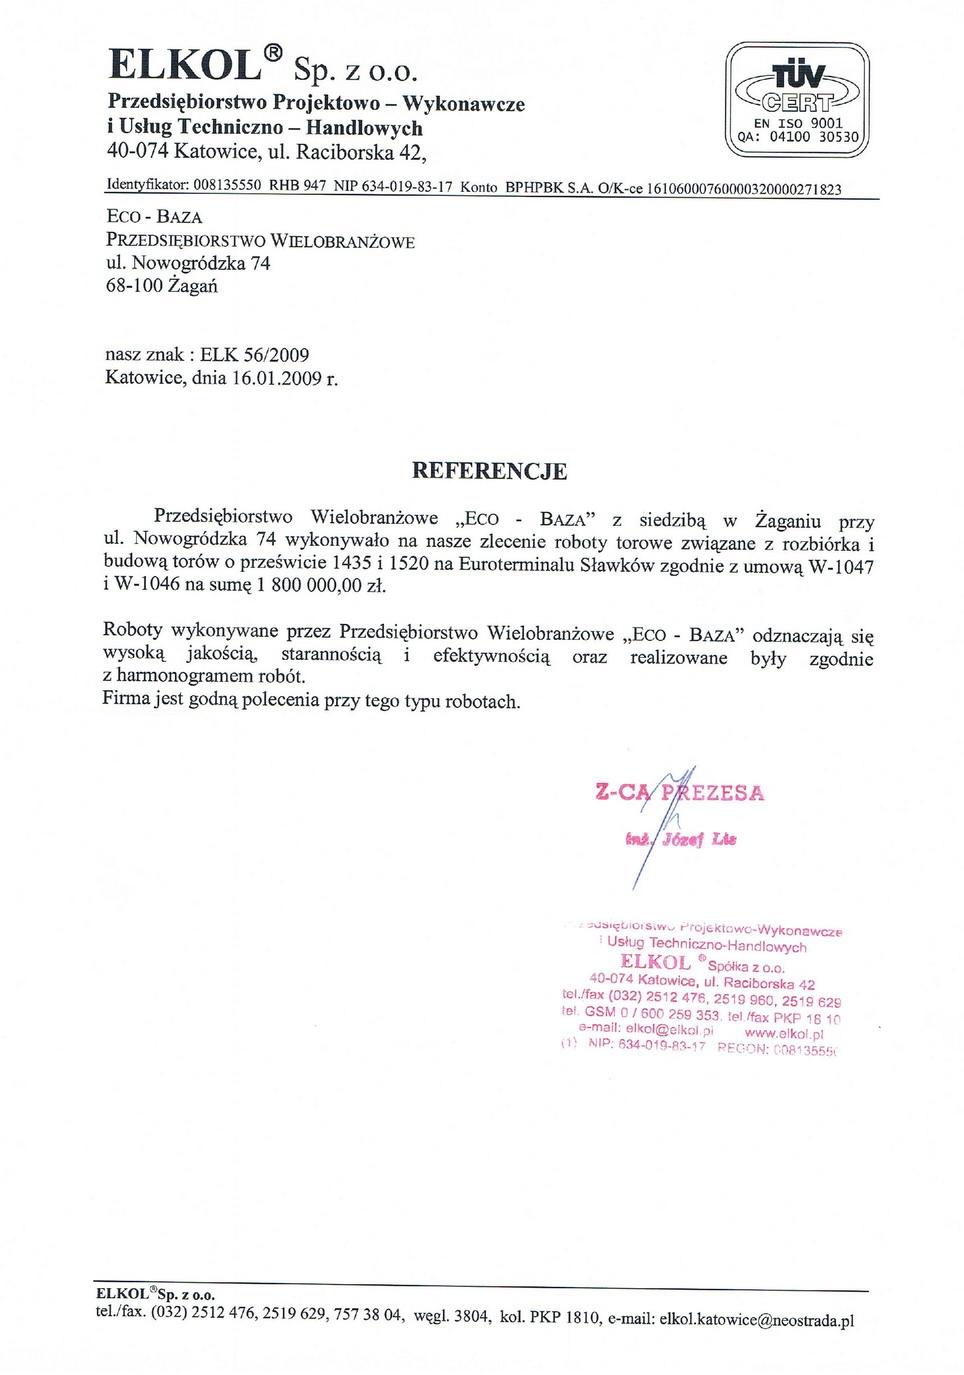 referencje_ecobaza_04